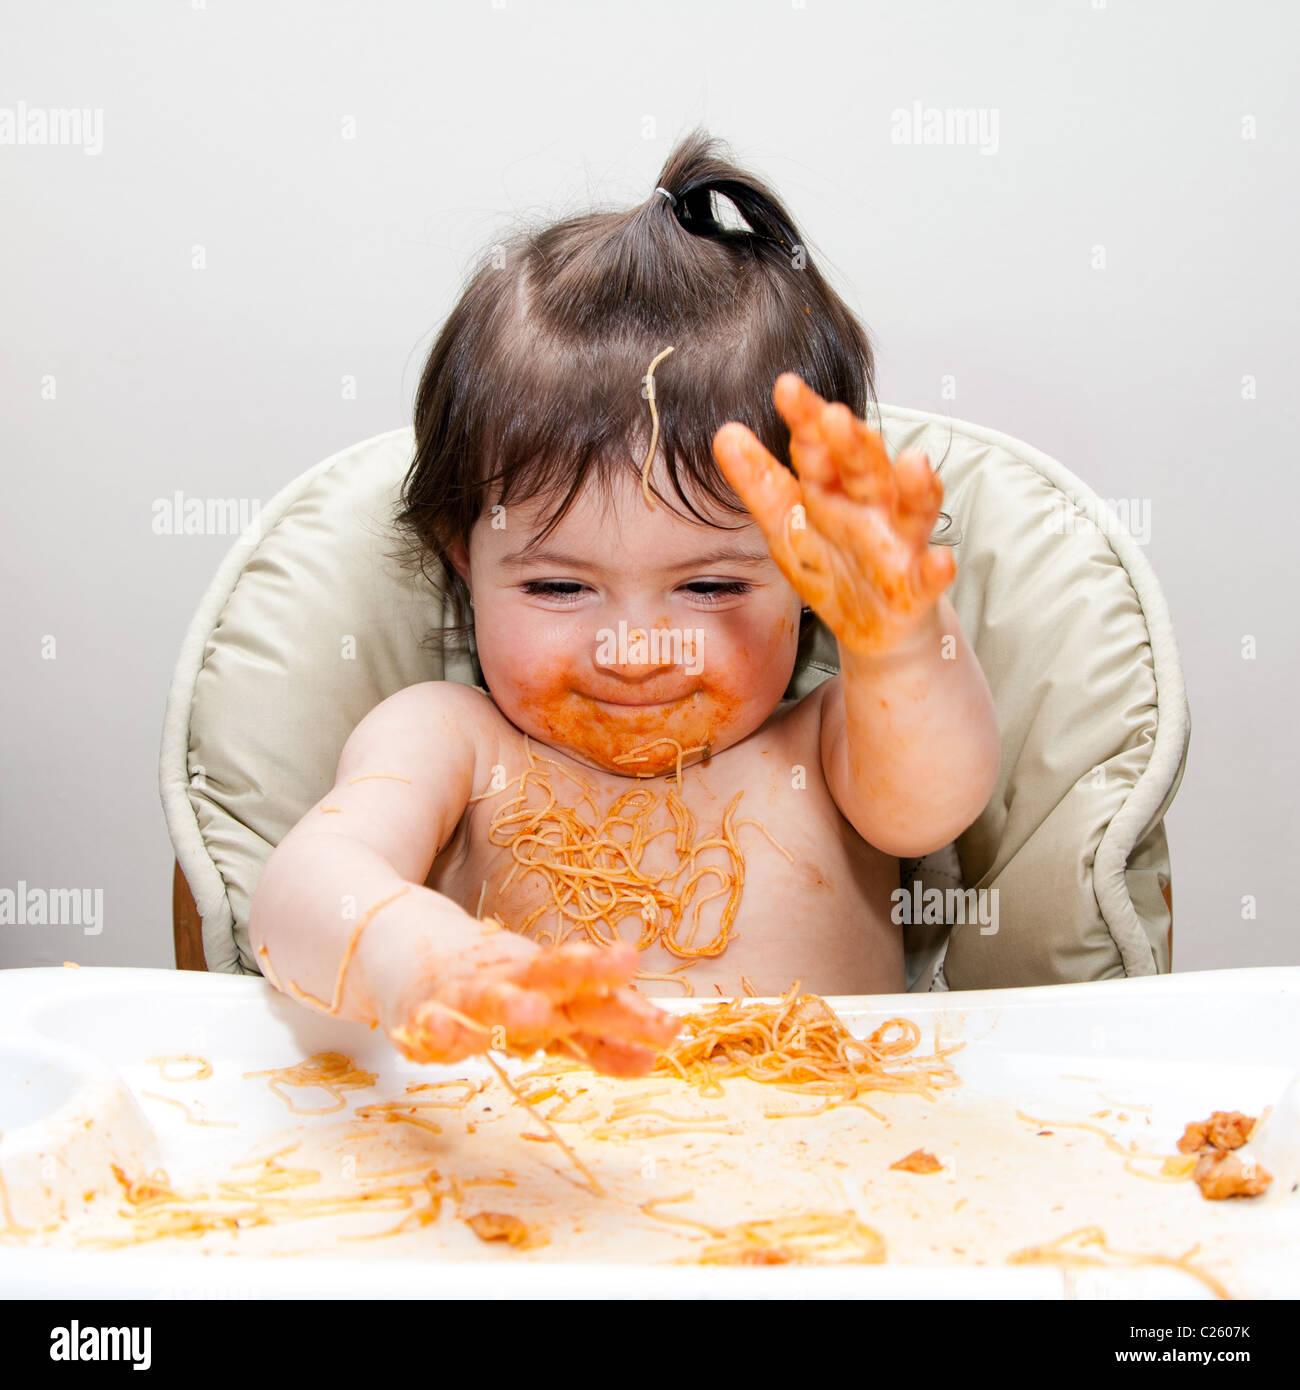 Glückliches Baby Spaß Essen chaotisch slapping Hände in Angel Hair Pasta Spaghetti rot marinara Tomatensauce bedeckt. Stockfoto